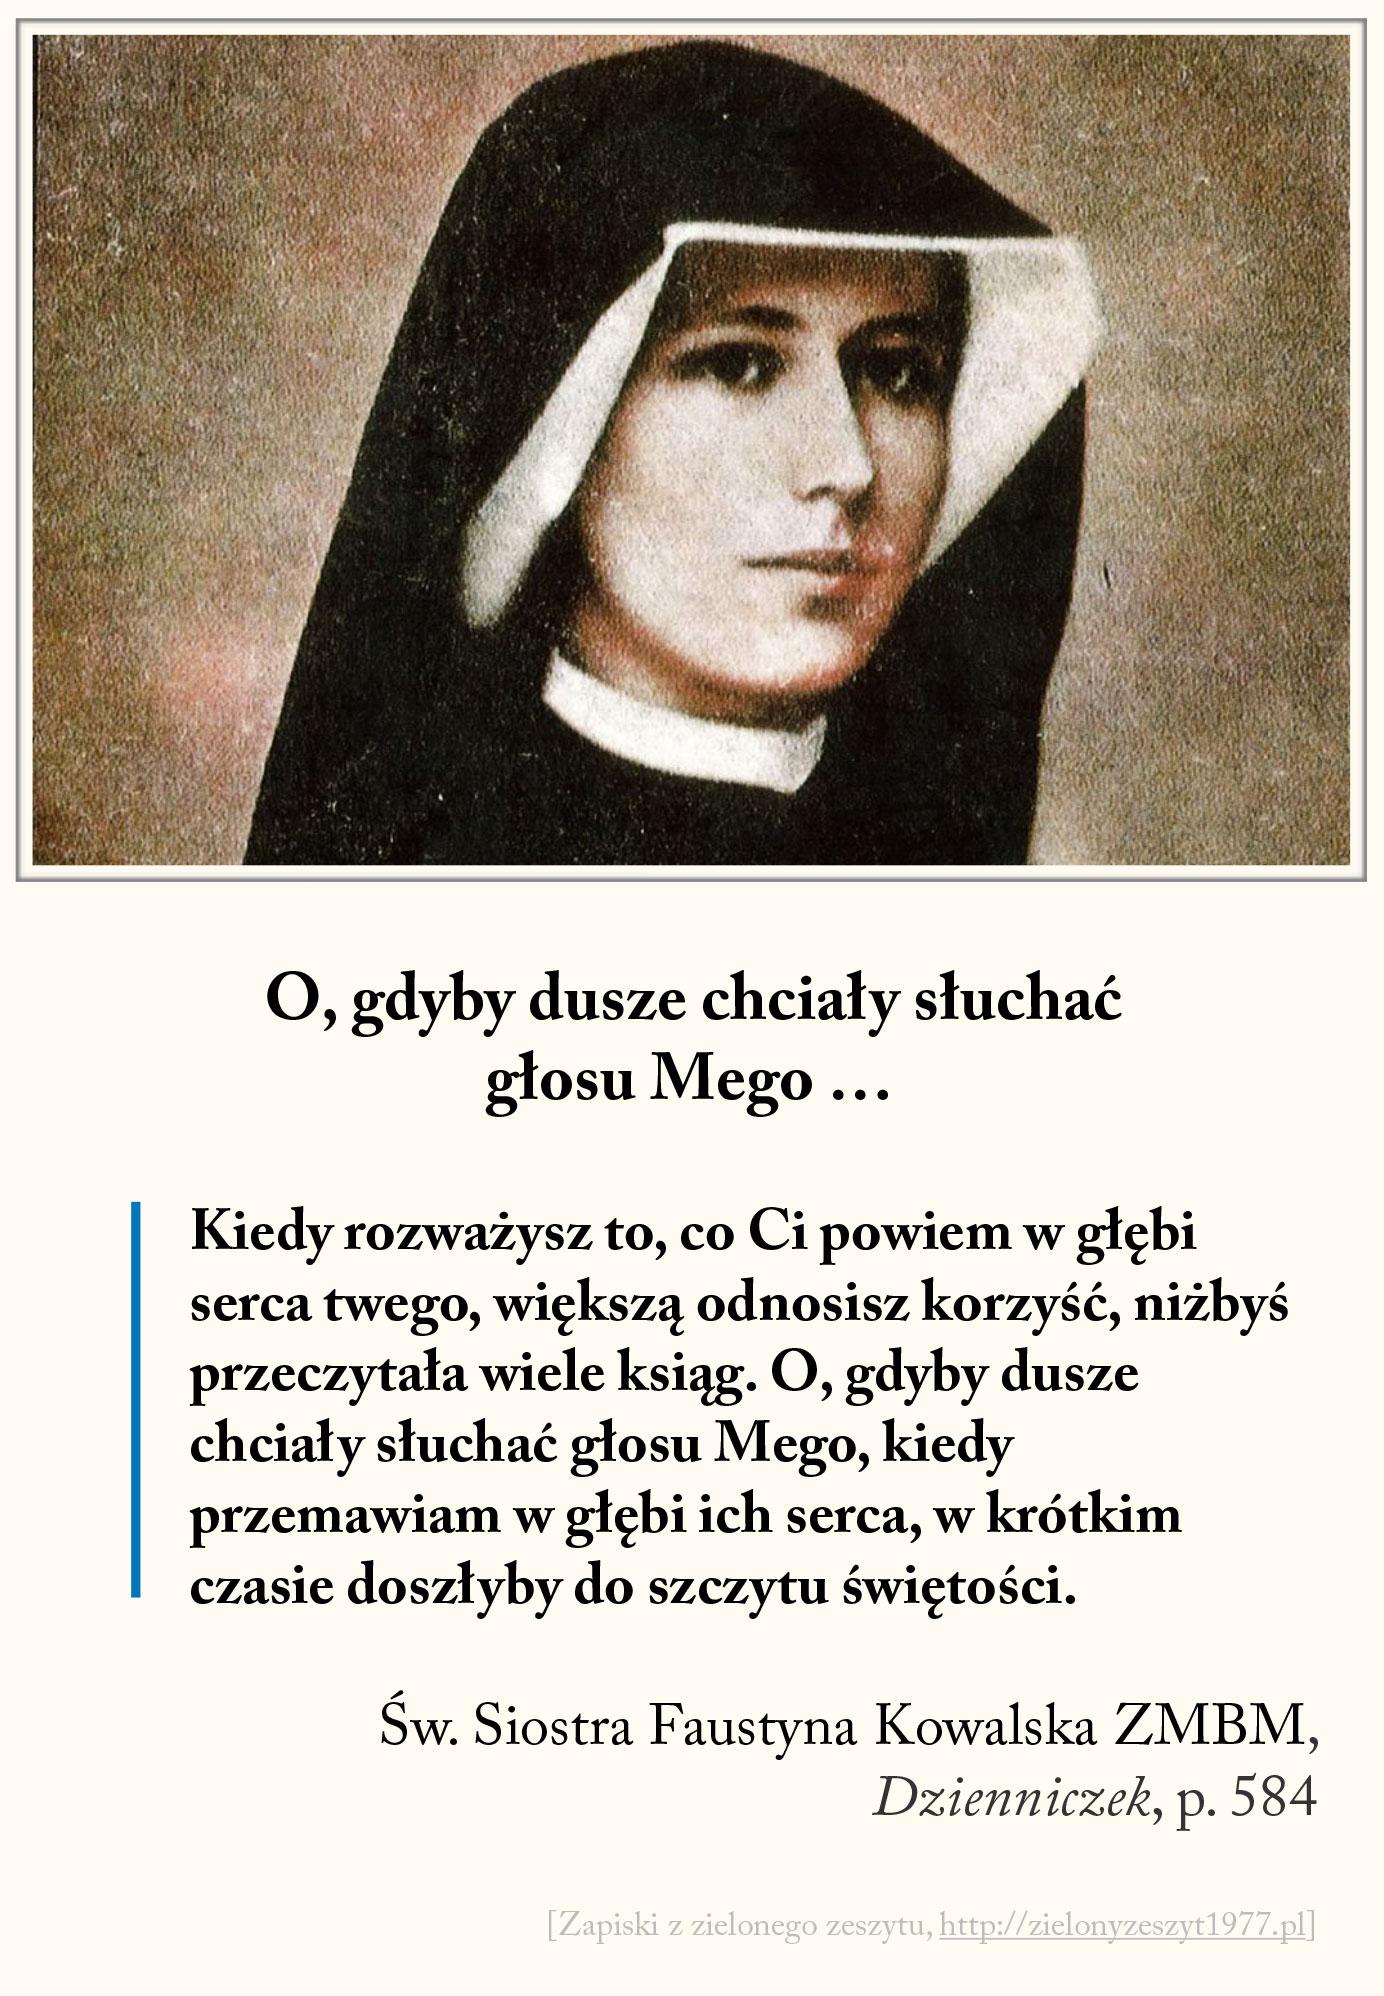 O, gdyby dusze chciały słuchać głosu Mego ..., św. Faustyna Kowalska